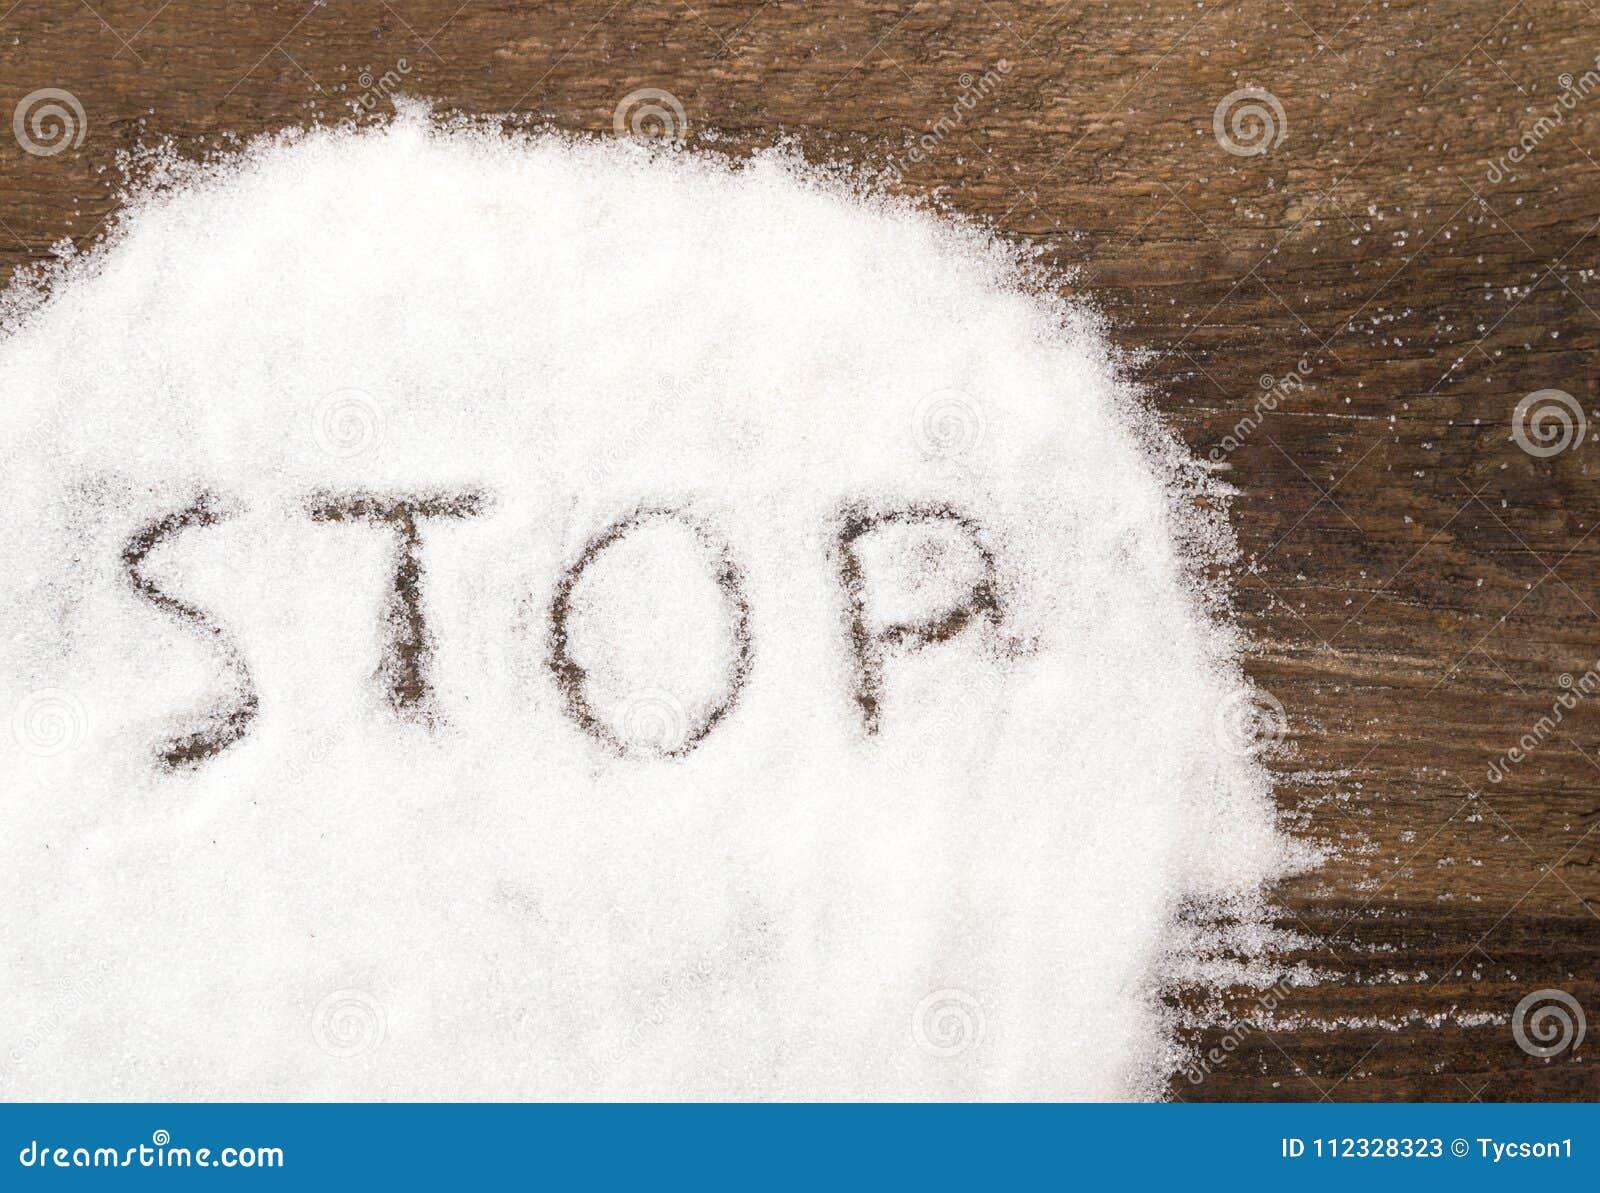 Eindeteken van korrelige suiker wordt gemaakt die